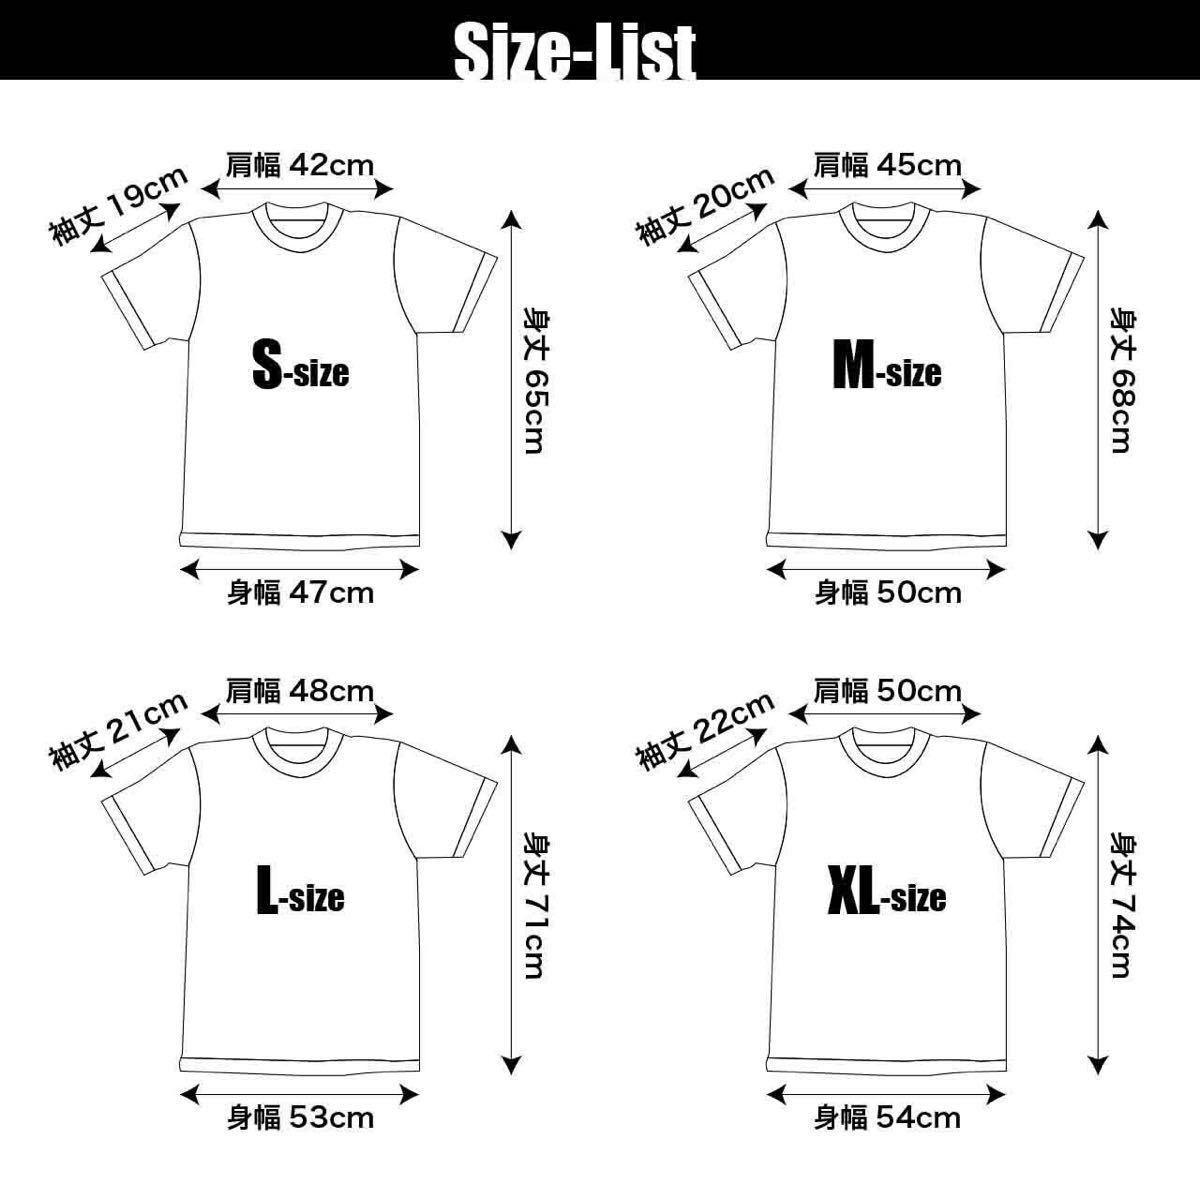 未使用 アウトドア マリリンモンローTシャツ S M L XL ビッグサイズ XXL 3XL 4XL 5XL 黒色 対応 OK_画像3